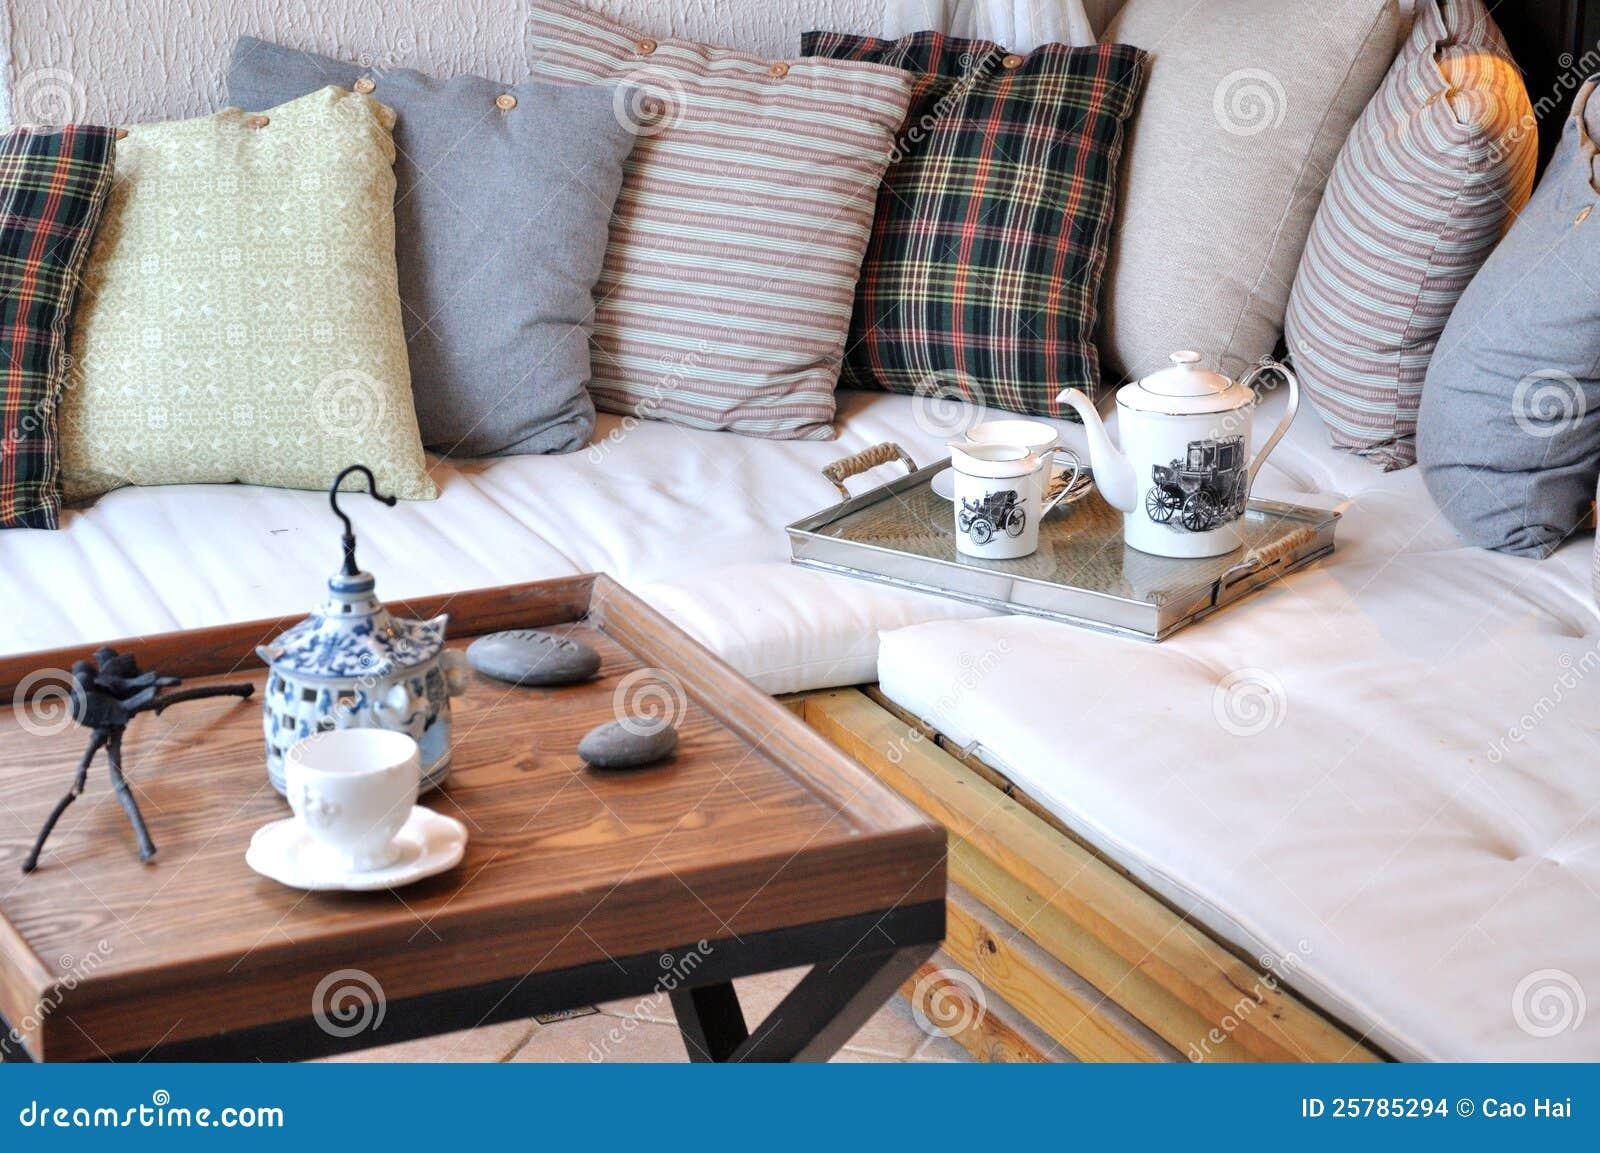 Bequeme Möbel Und Einstellung Im Wohnzimmer Stockfoto - Bild von ...